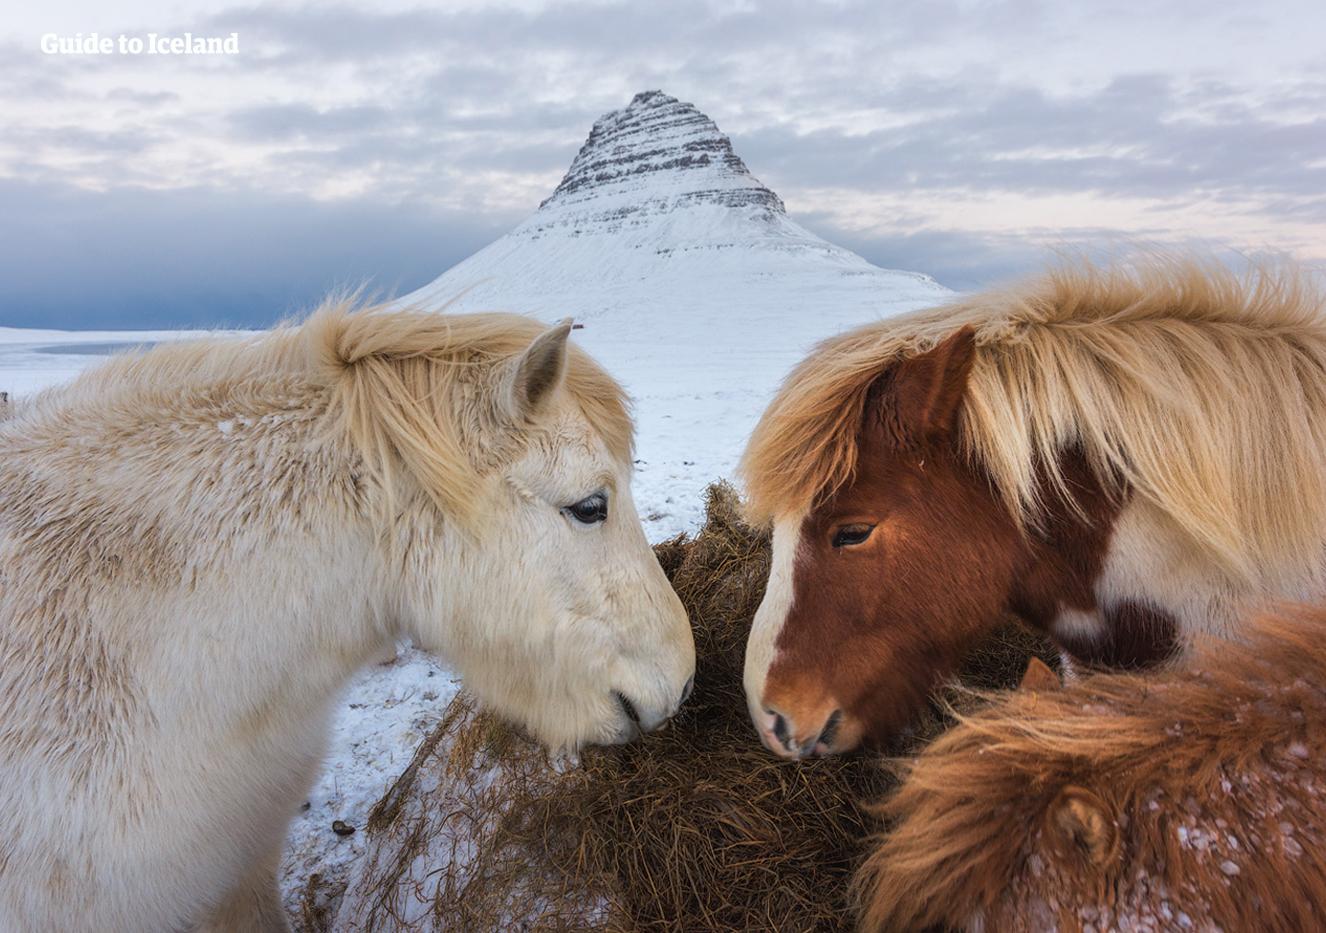 Chevaux islandais devant la montagne pittoresque Kirkjufell sur la péninsule de Snæfellsnes.